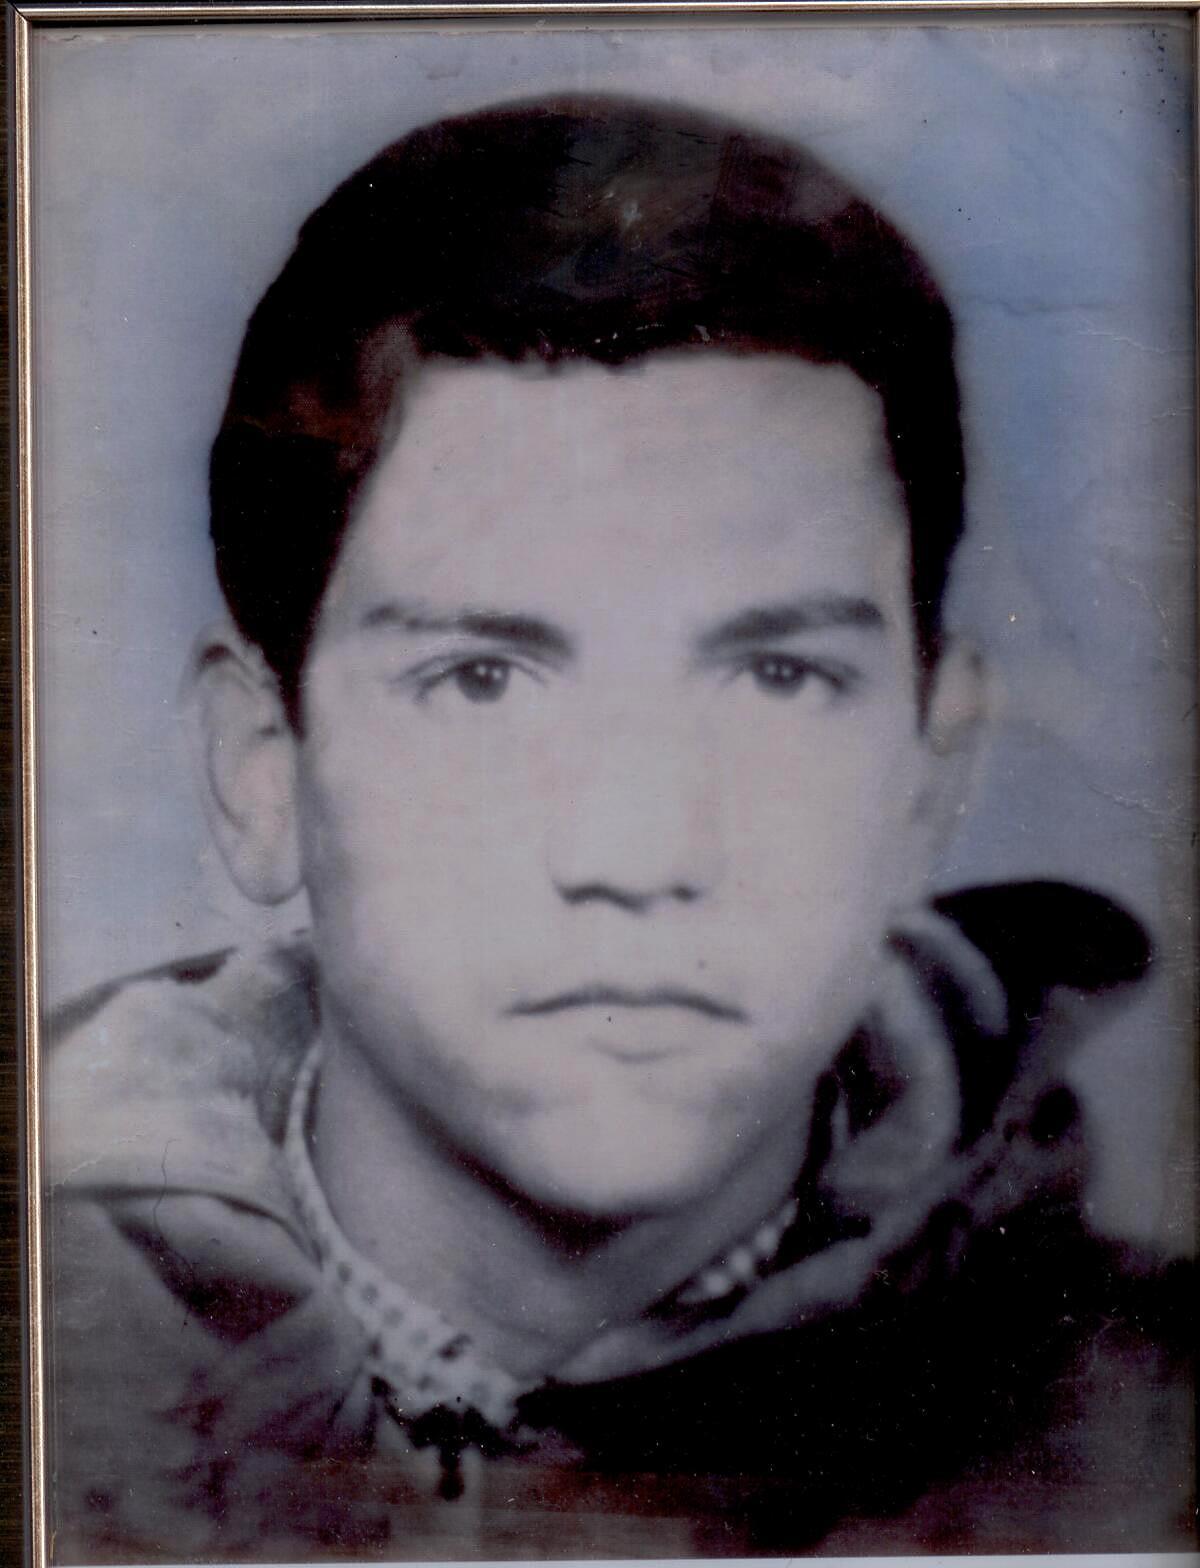 شهیدمحمد محمدی(کمندعلی)